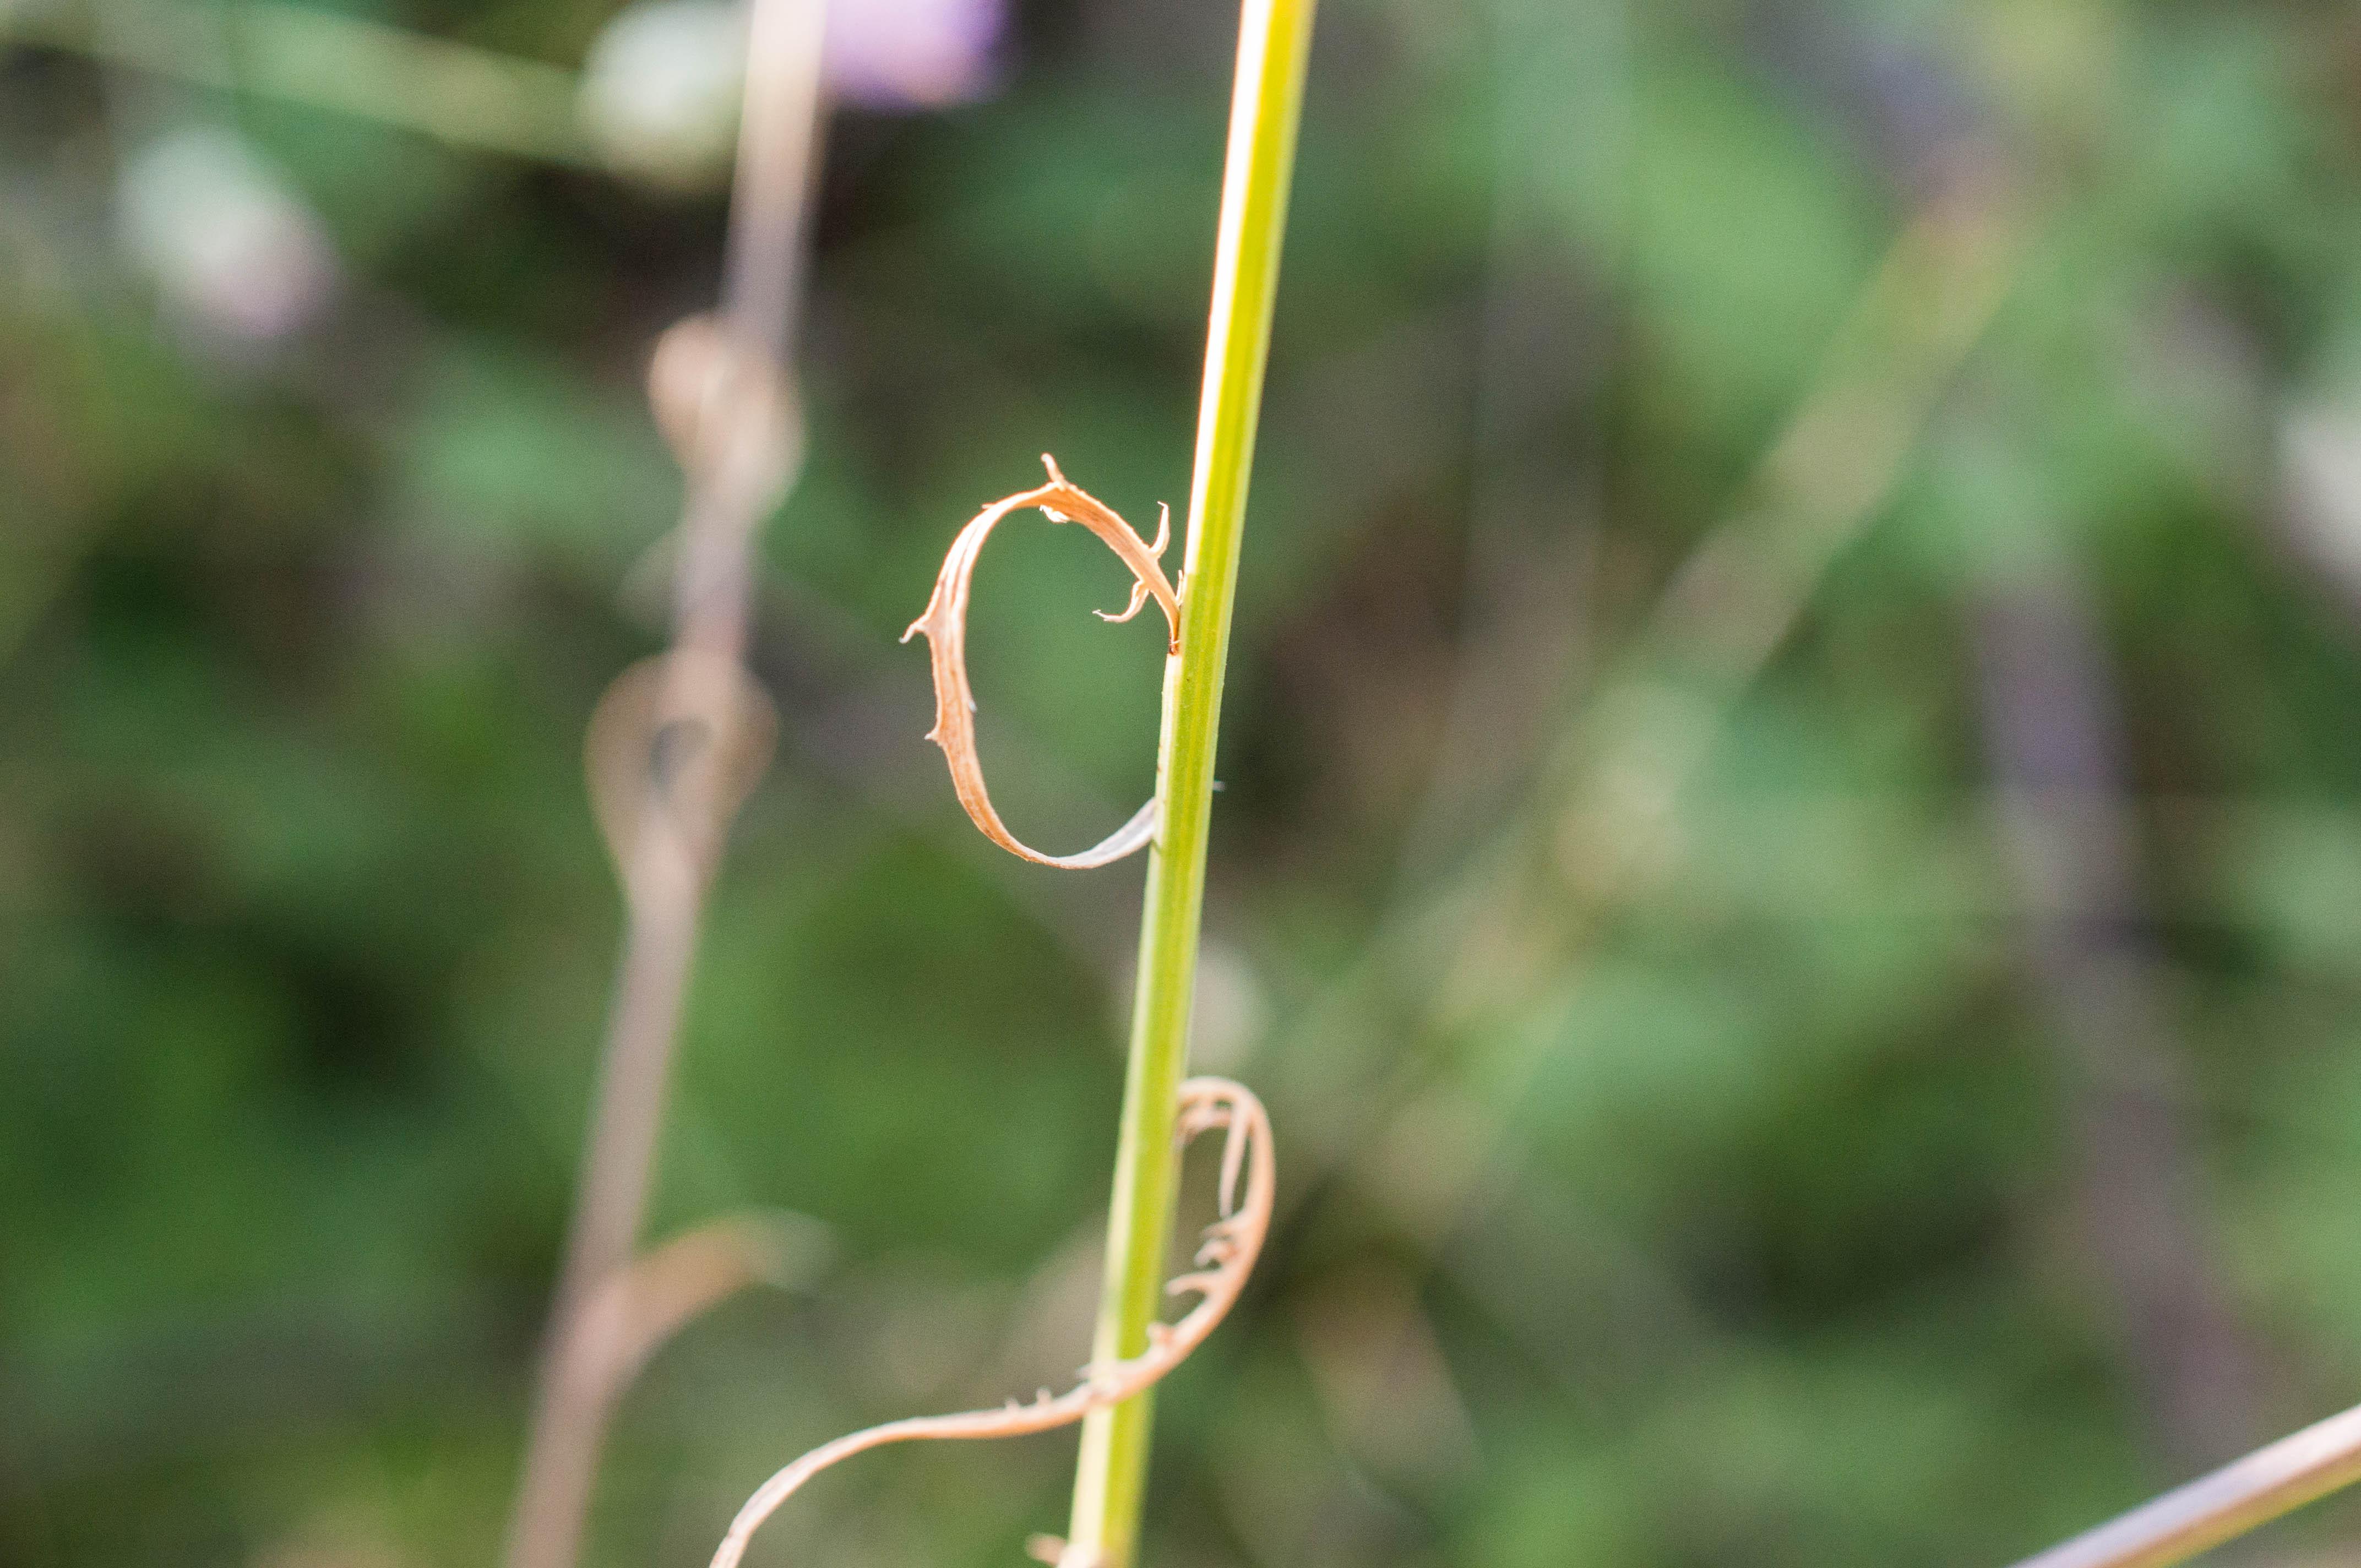 Microlonchus salmanticus Las Obreras de Aliste CB Artesanos de la Miel Aliste Gallegos del Campo Artesanos de la Miel